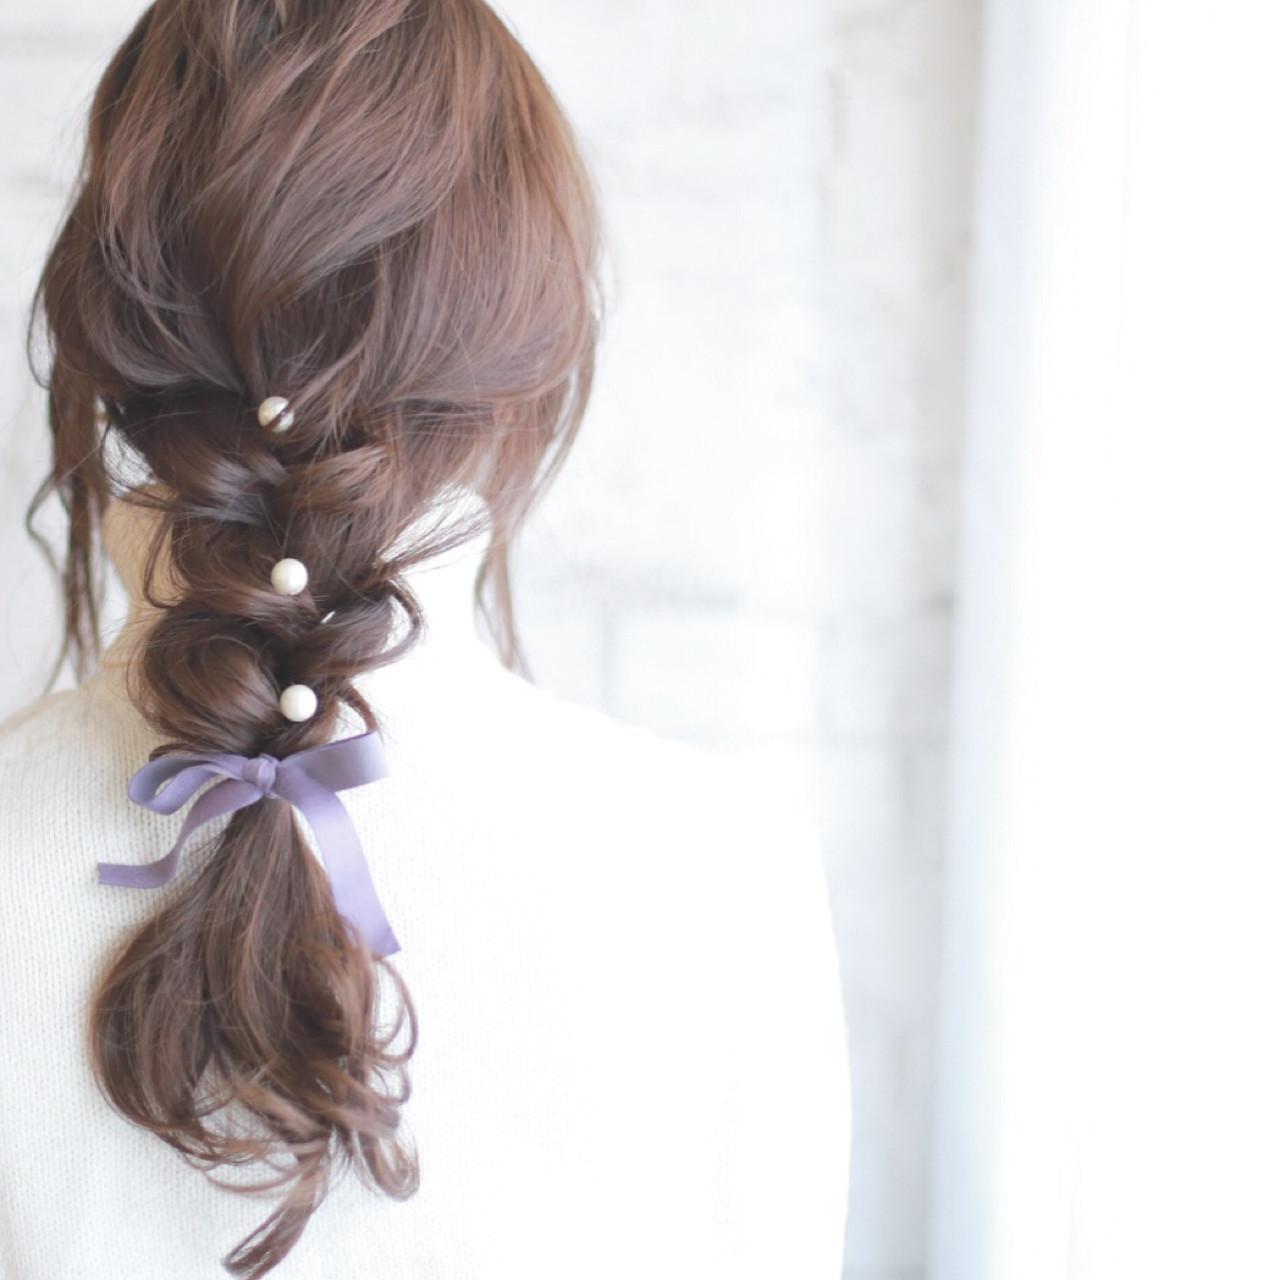 大人かわいい ロング ヘアアレンジ ショート ヘアスタイルや髪型の写真・画像 | 廣田哲也 / nalu hair